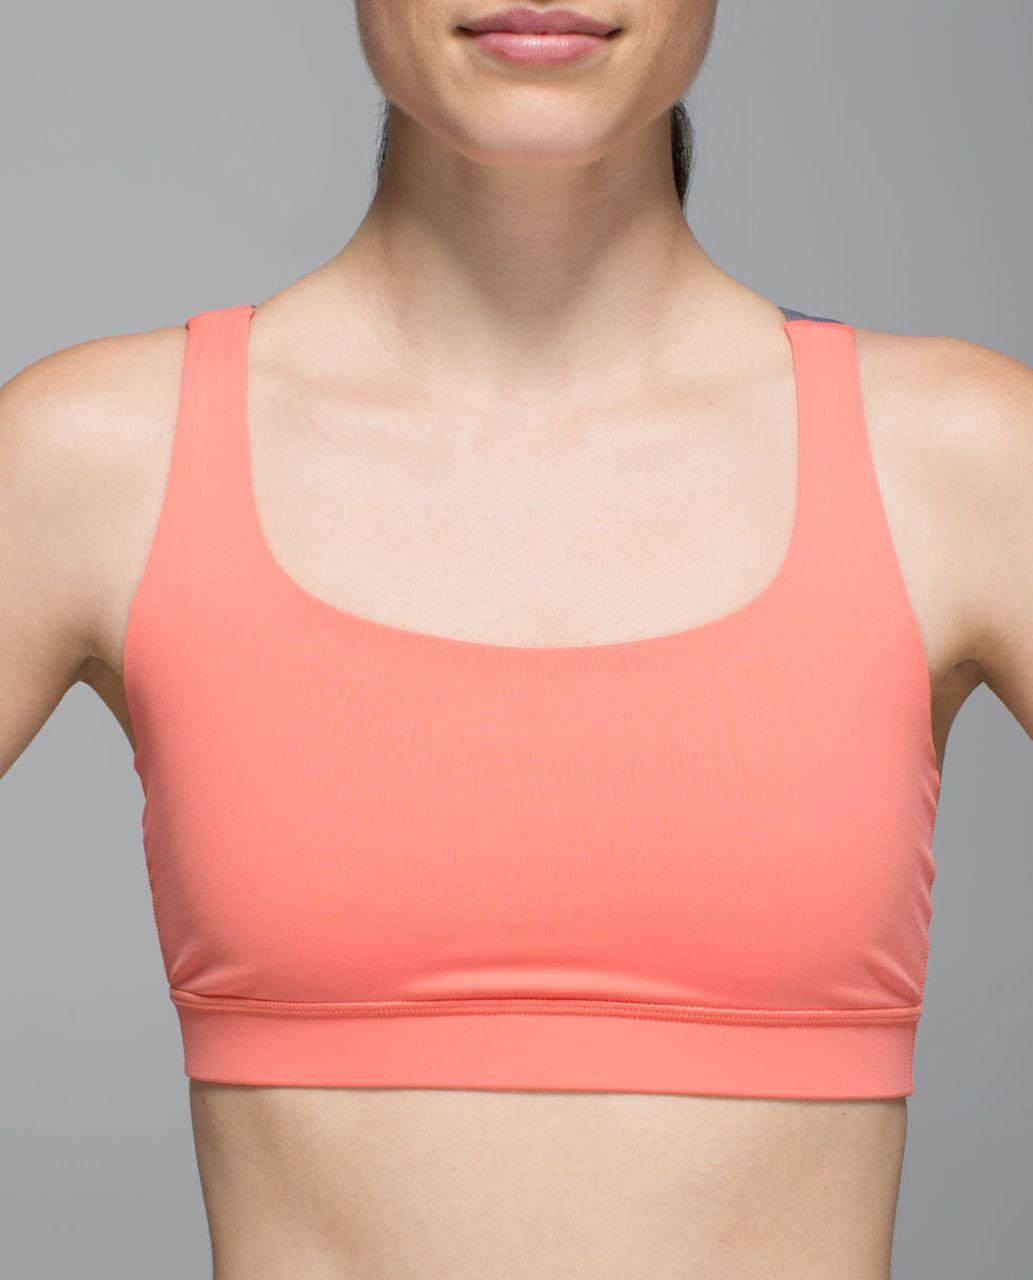 Lululemon Energy Bra - Plum Peach / Heathered Slate